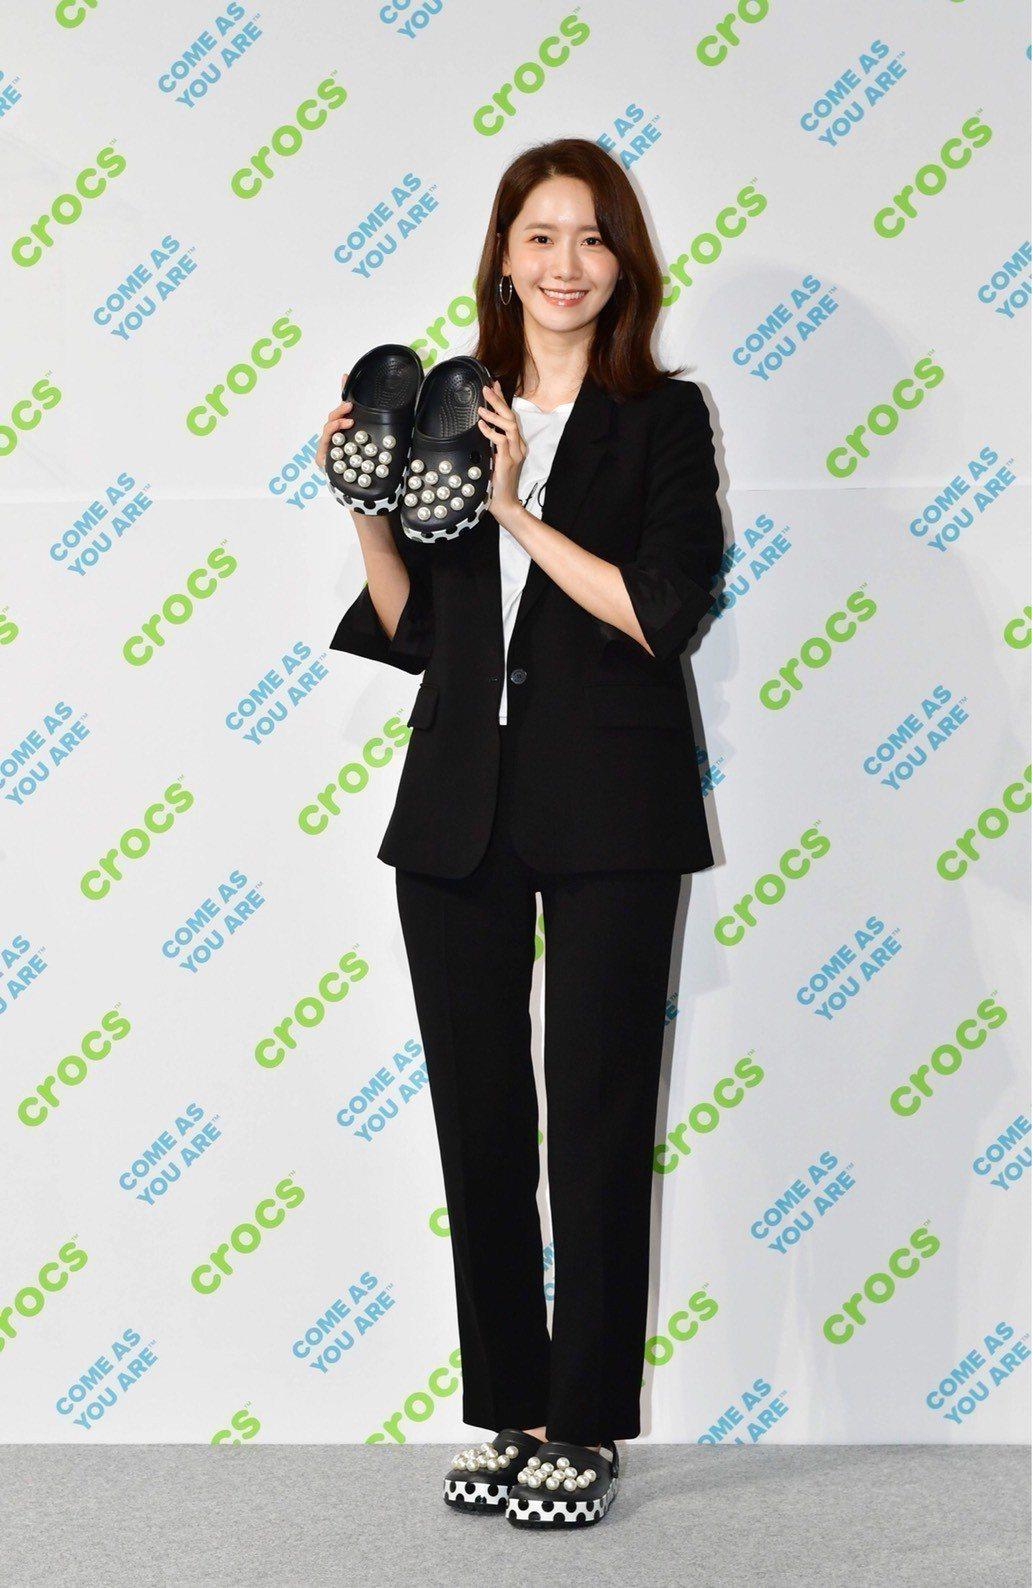 少女時代團員允兒穿著Crocs秋冬新款「珍珠系列」引領時尚潮流。 圖/Cro...